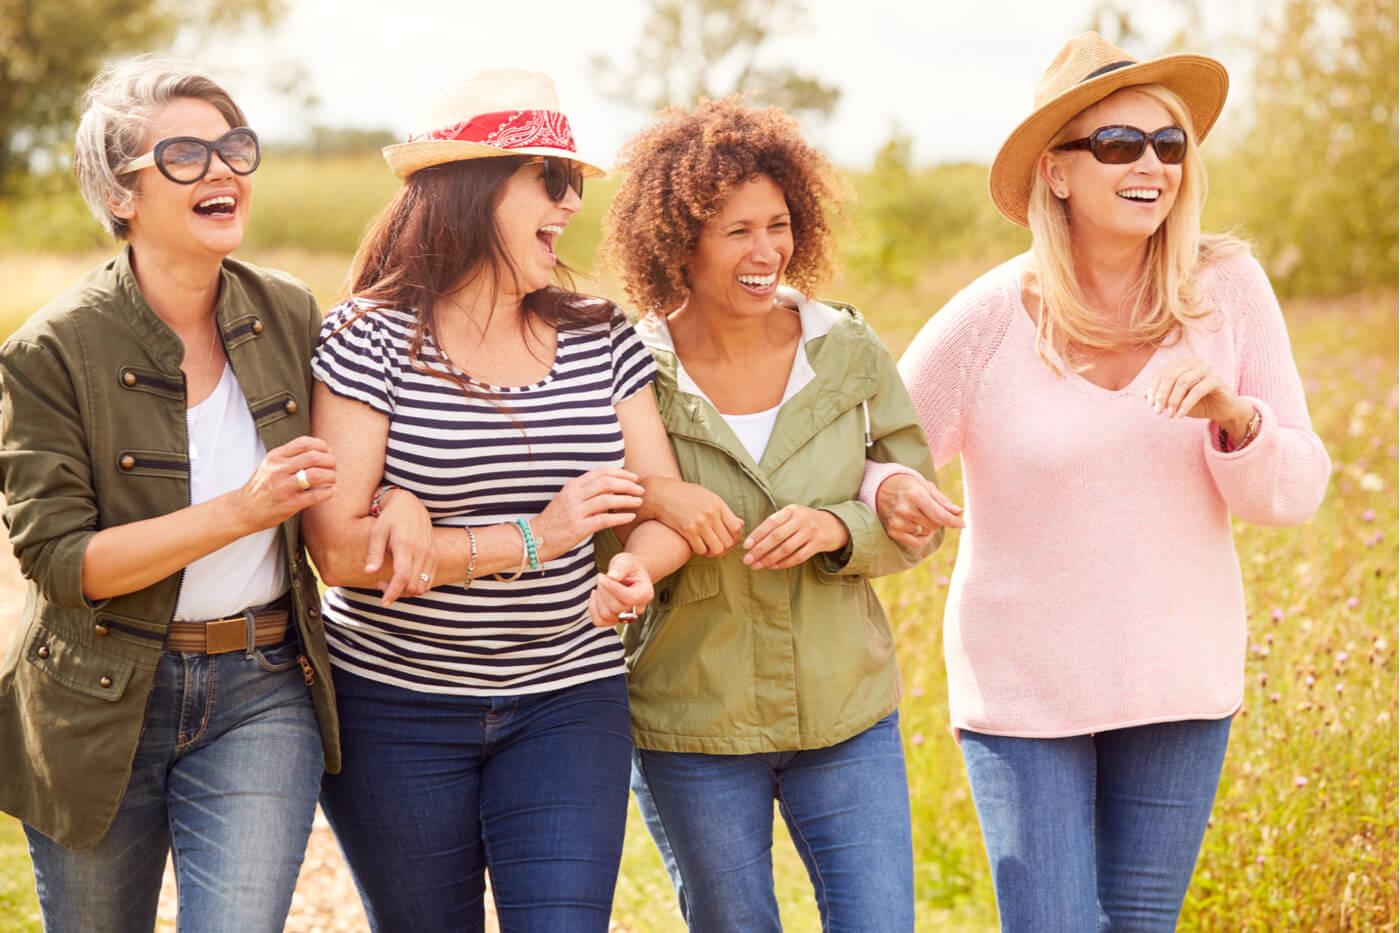 Amigas adultas felices paseo sintiendo lágrimas de alegría